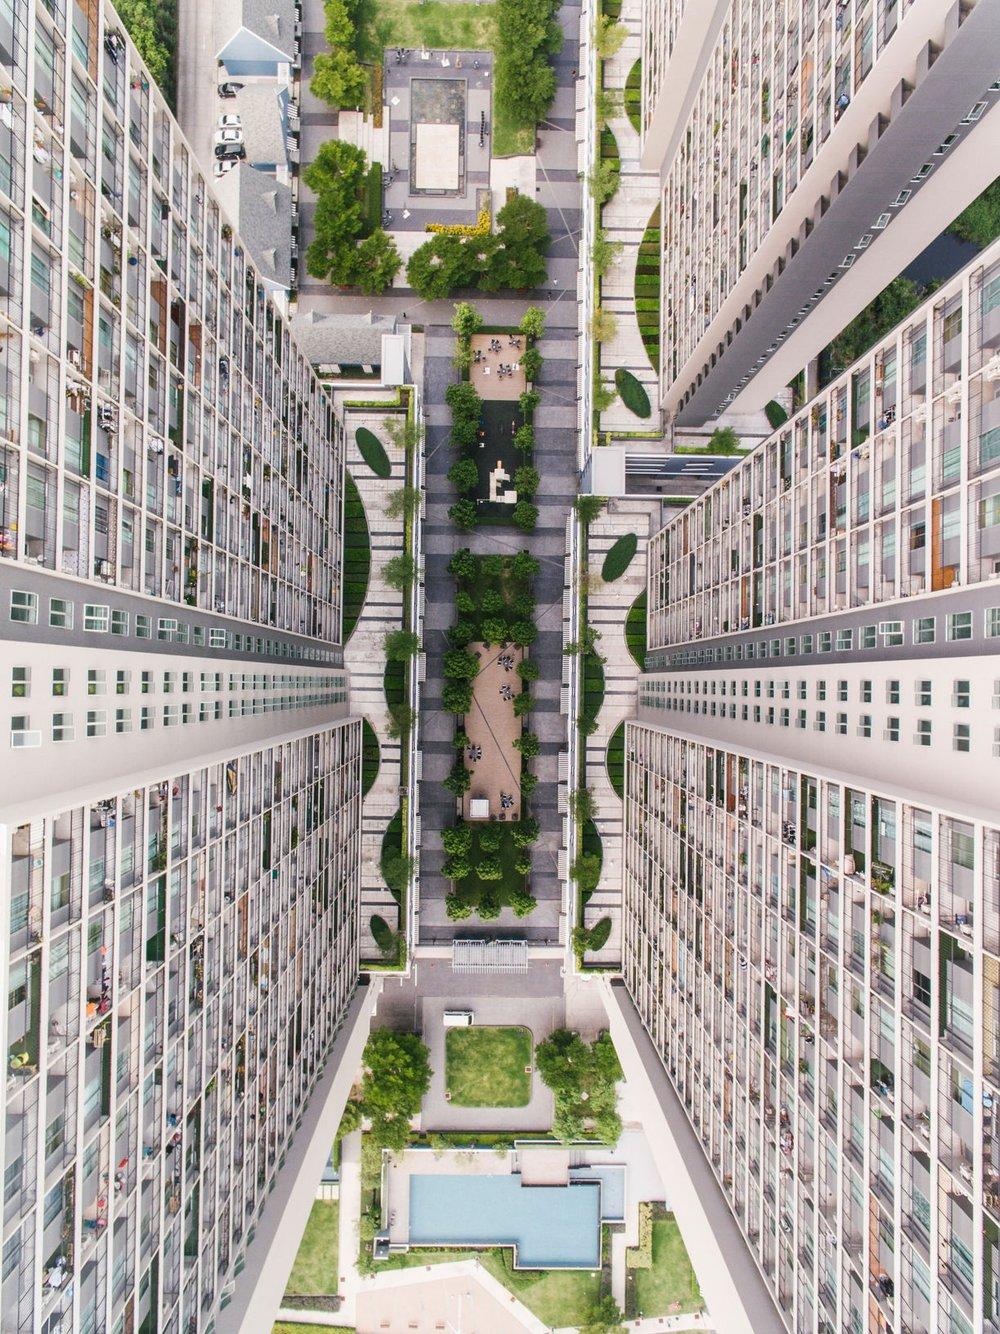 09 | The Rurban Fringe - I den smarta staden rullar robotar på trottoarerna och självkörande bilar ingår i stadsbilden. Bostäder och andra fastigheter innehåller sensorer som håller koll på allt från luftfuktighet till energioptimering. Som vanligt när det gäller teknikskiften kommer det på kort sikt inte att hända så mycket synliga saker i våra städer. Men på lång sikt blir förändringarna mycket större än vad vi kan föreställa oss.